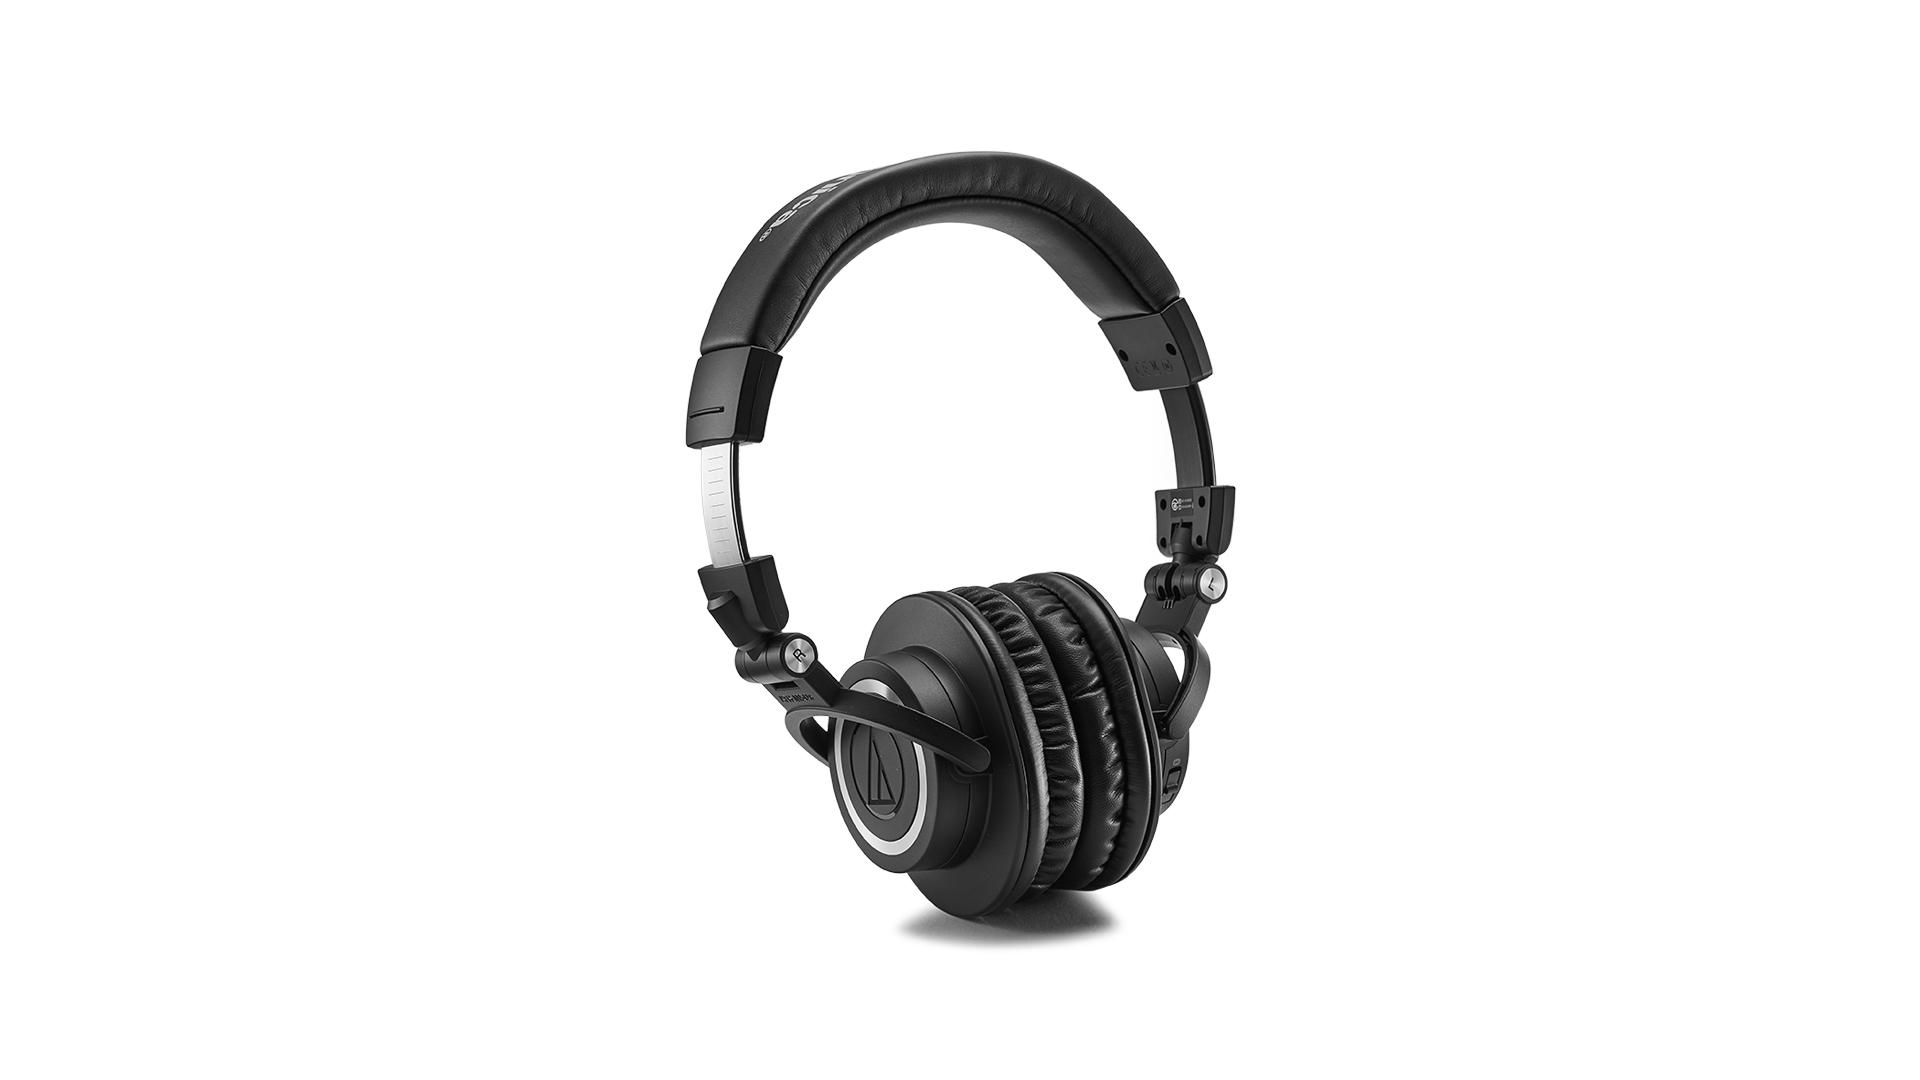 d5932c0d125 Audio-Technica ATH-M50xBT review | What Hi-Fi?